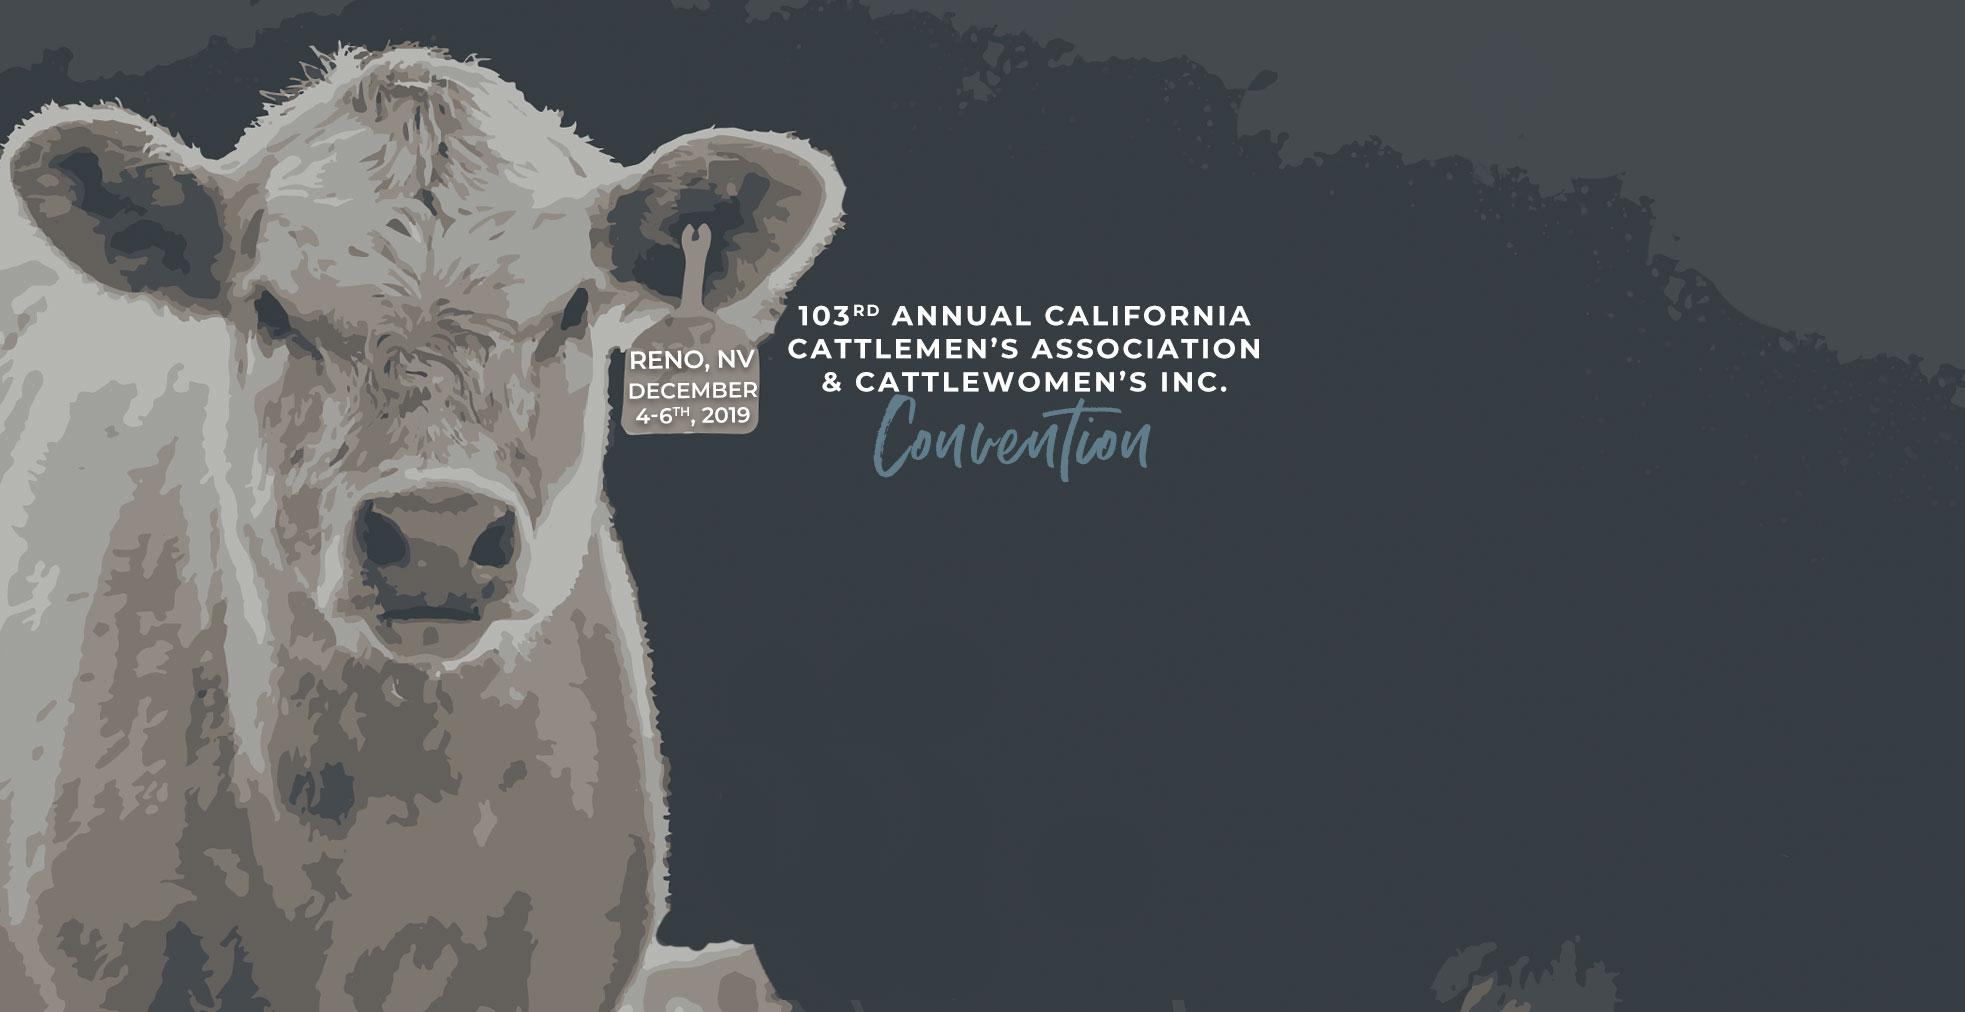 2019 Annual CCA Convention, Dec 4-6